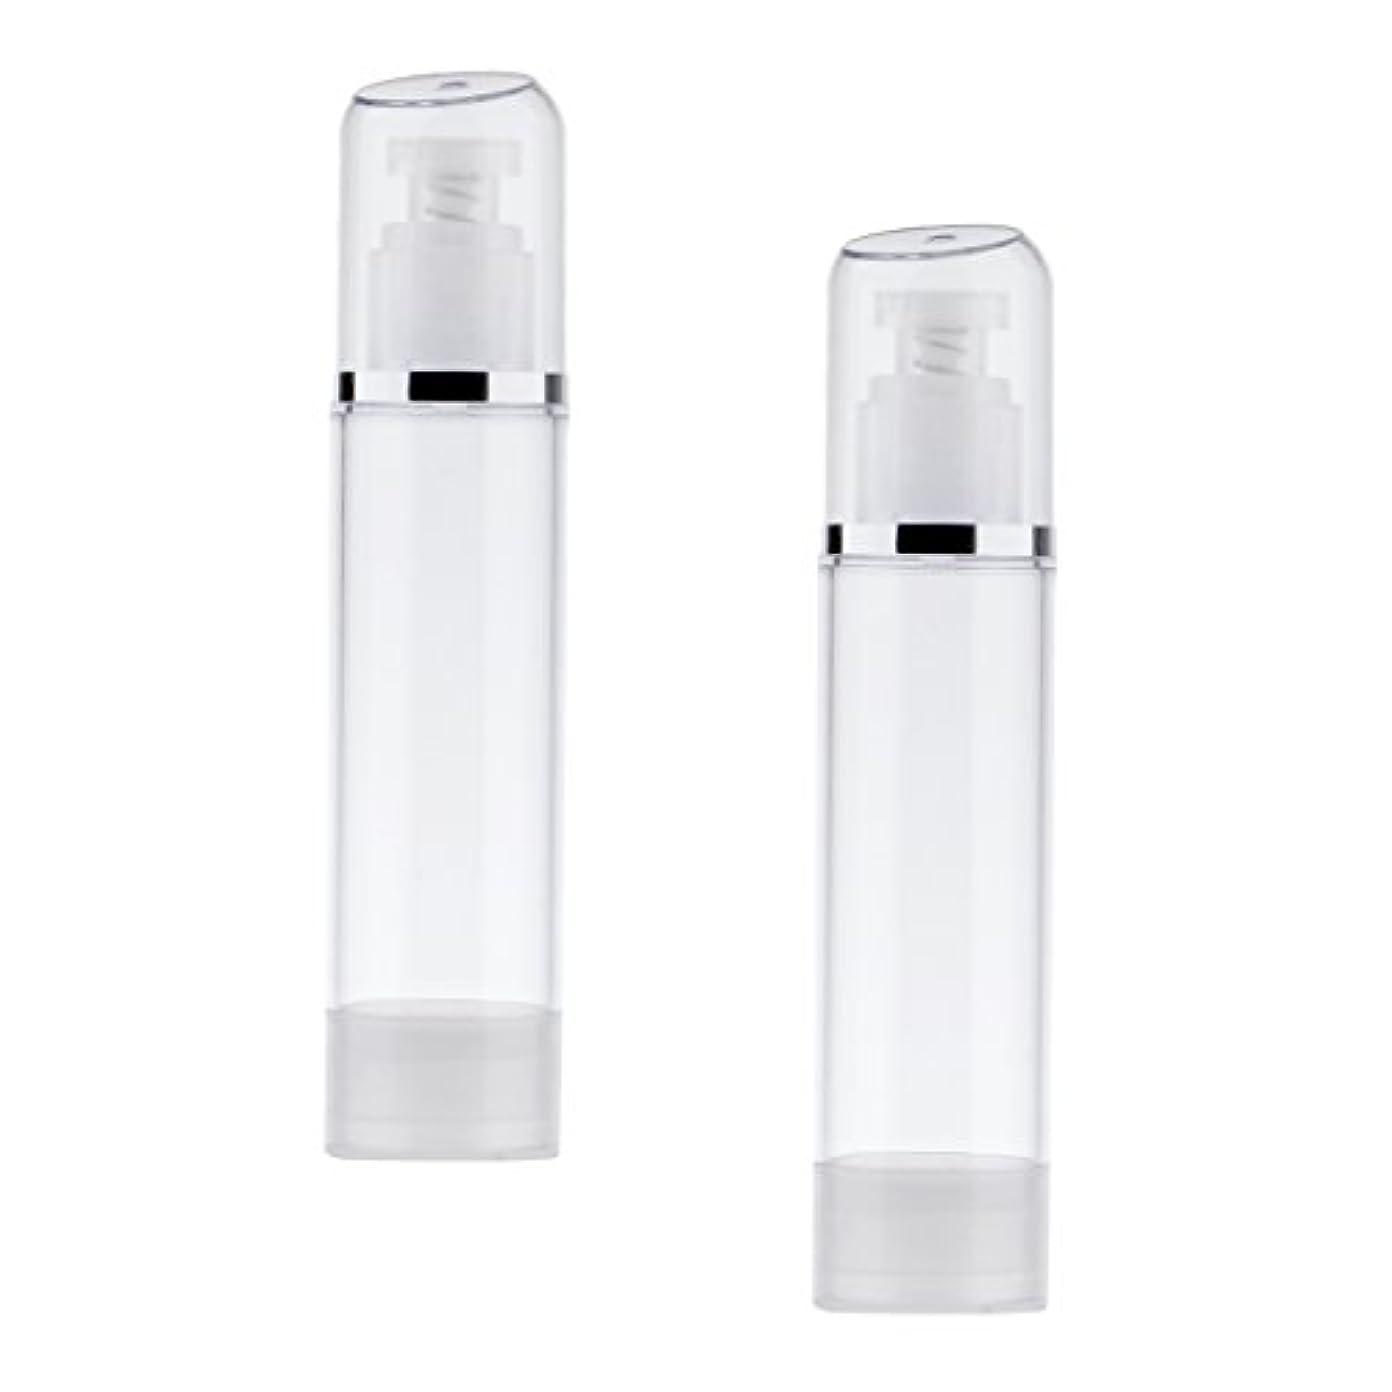 有害一致逮捕Kesoto 2個 空ボトル ポンプボトル エアレス ポンプディスペンサー ボトル プラスチック 100ml クリア